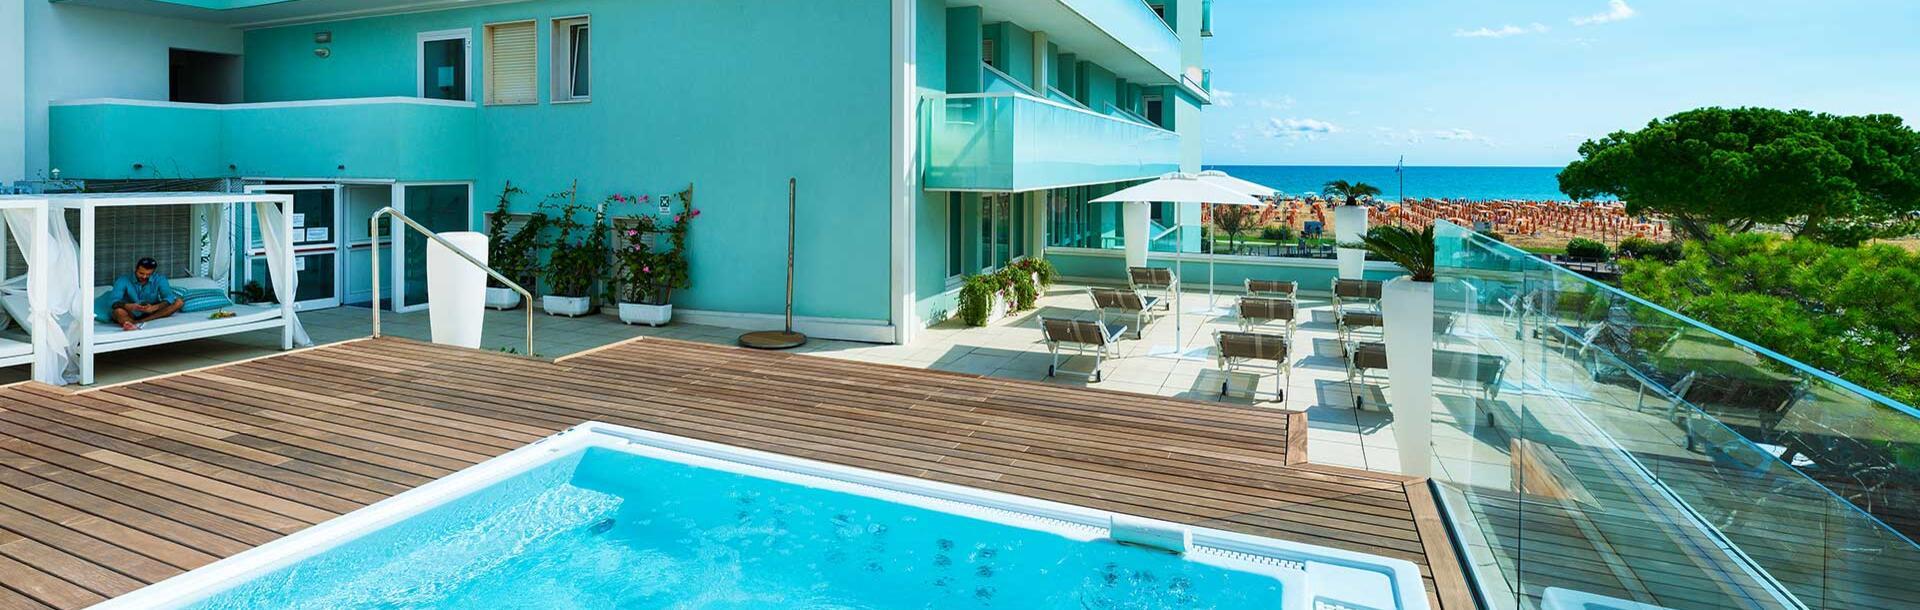 hotel-montecarlo it servizi 013